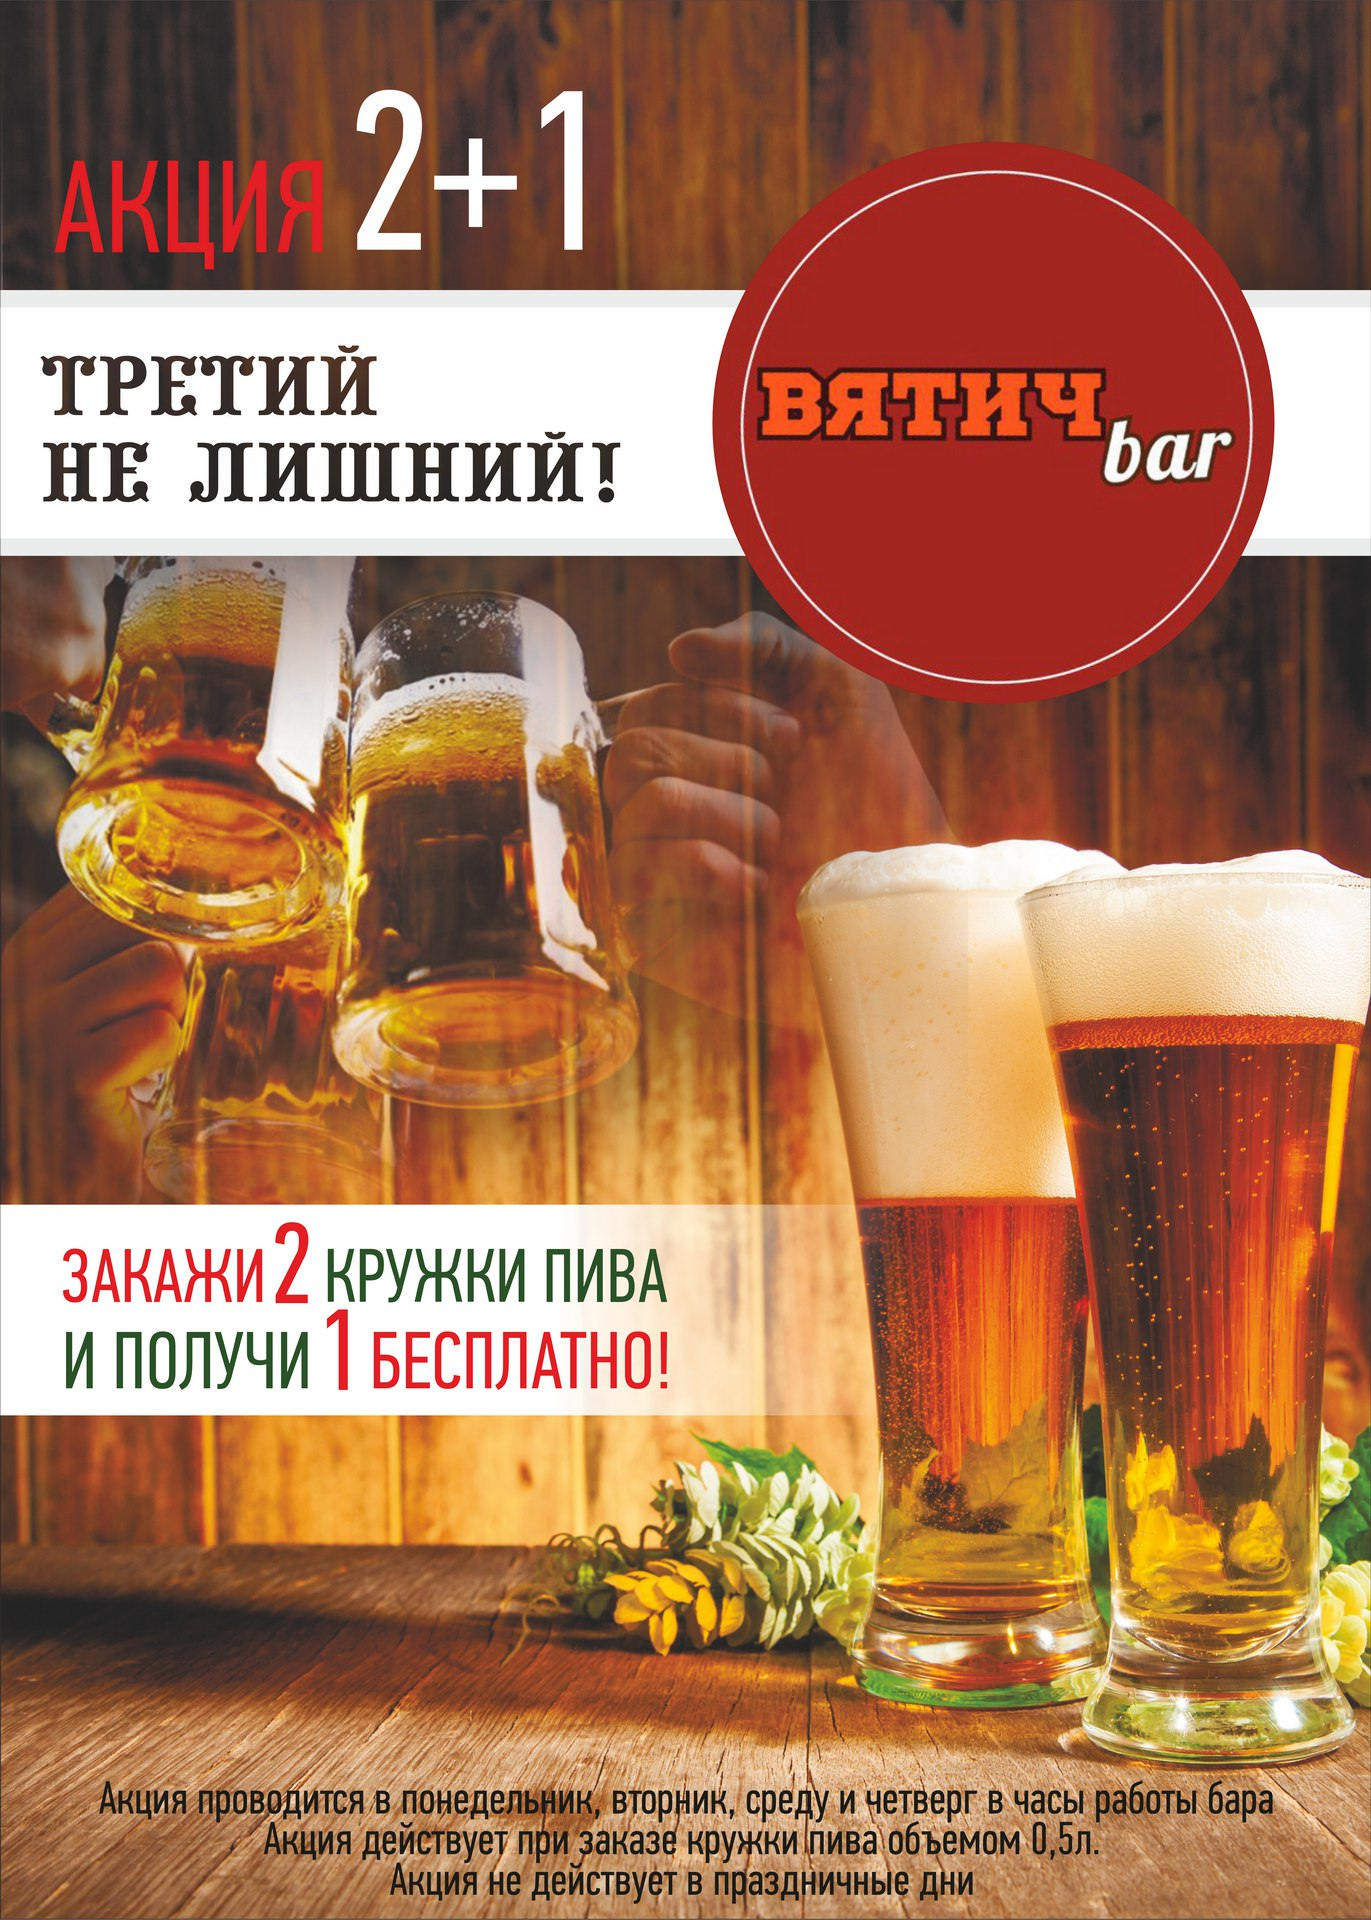 Спорт-бар, бар «Вятич Бар» - Вконтакте